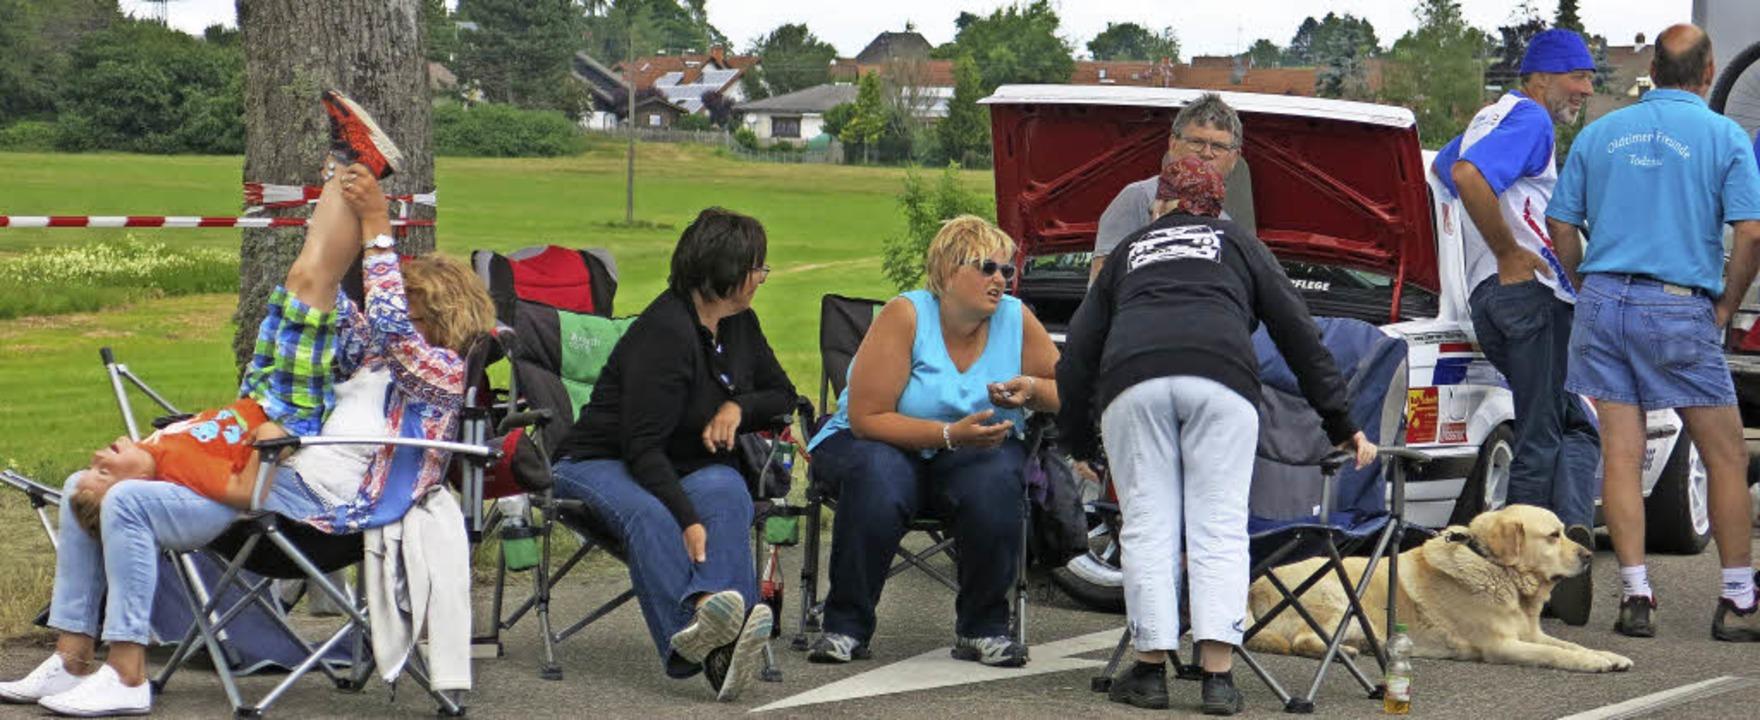 Familiäre Fan- und Fahrerlager  verdeu...spannte Stimmung zwischen den  Rennen.    Foto: E: Morath